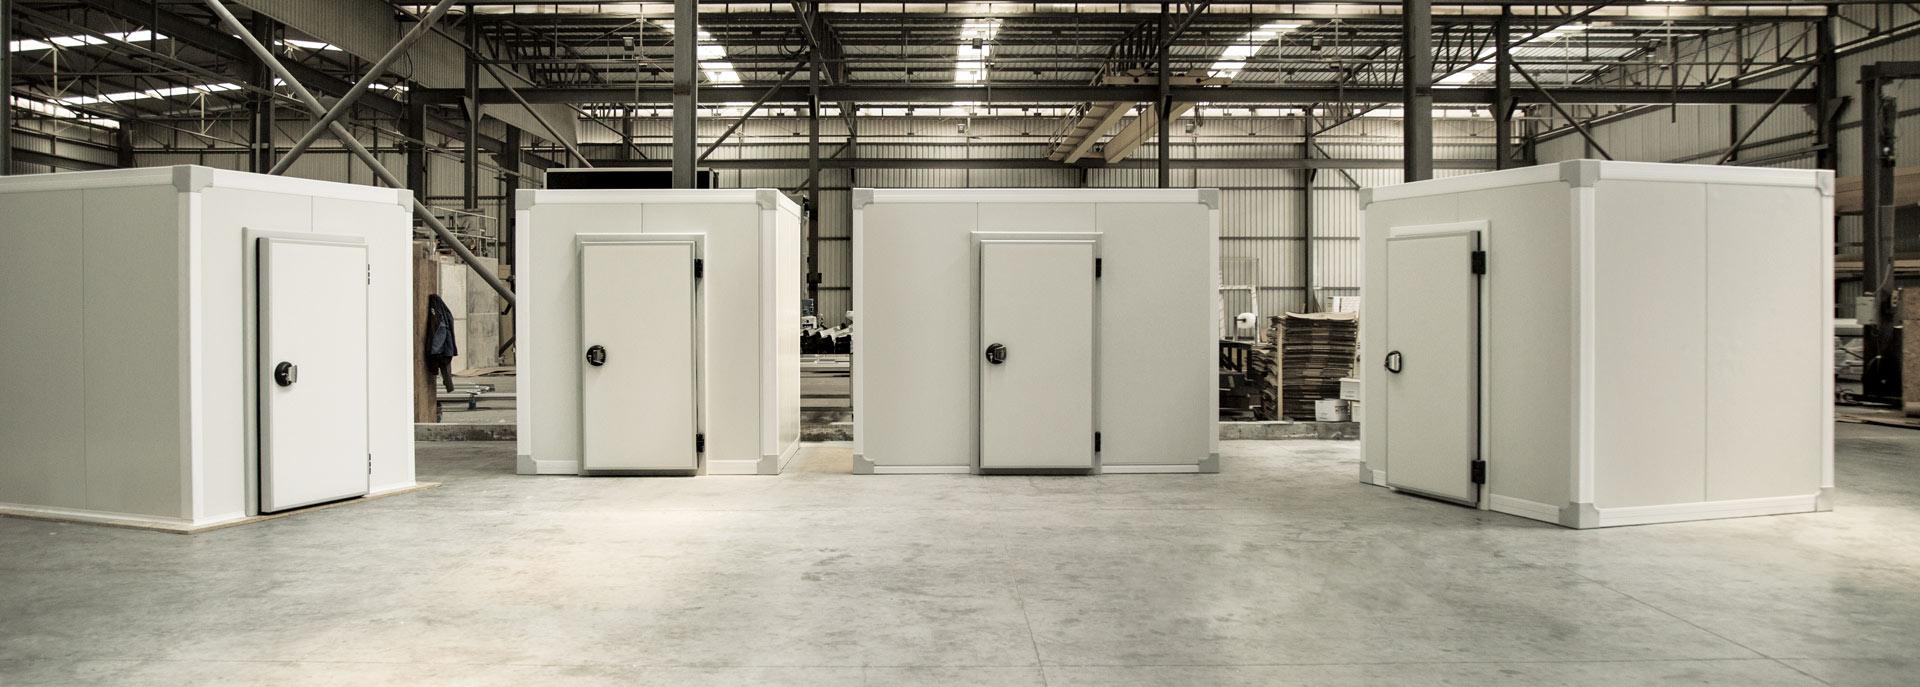 PVC Hygienic Profiles, Cómo ensamblar un cuarto frío con el sistema de molduras de PVC